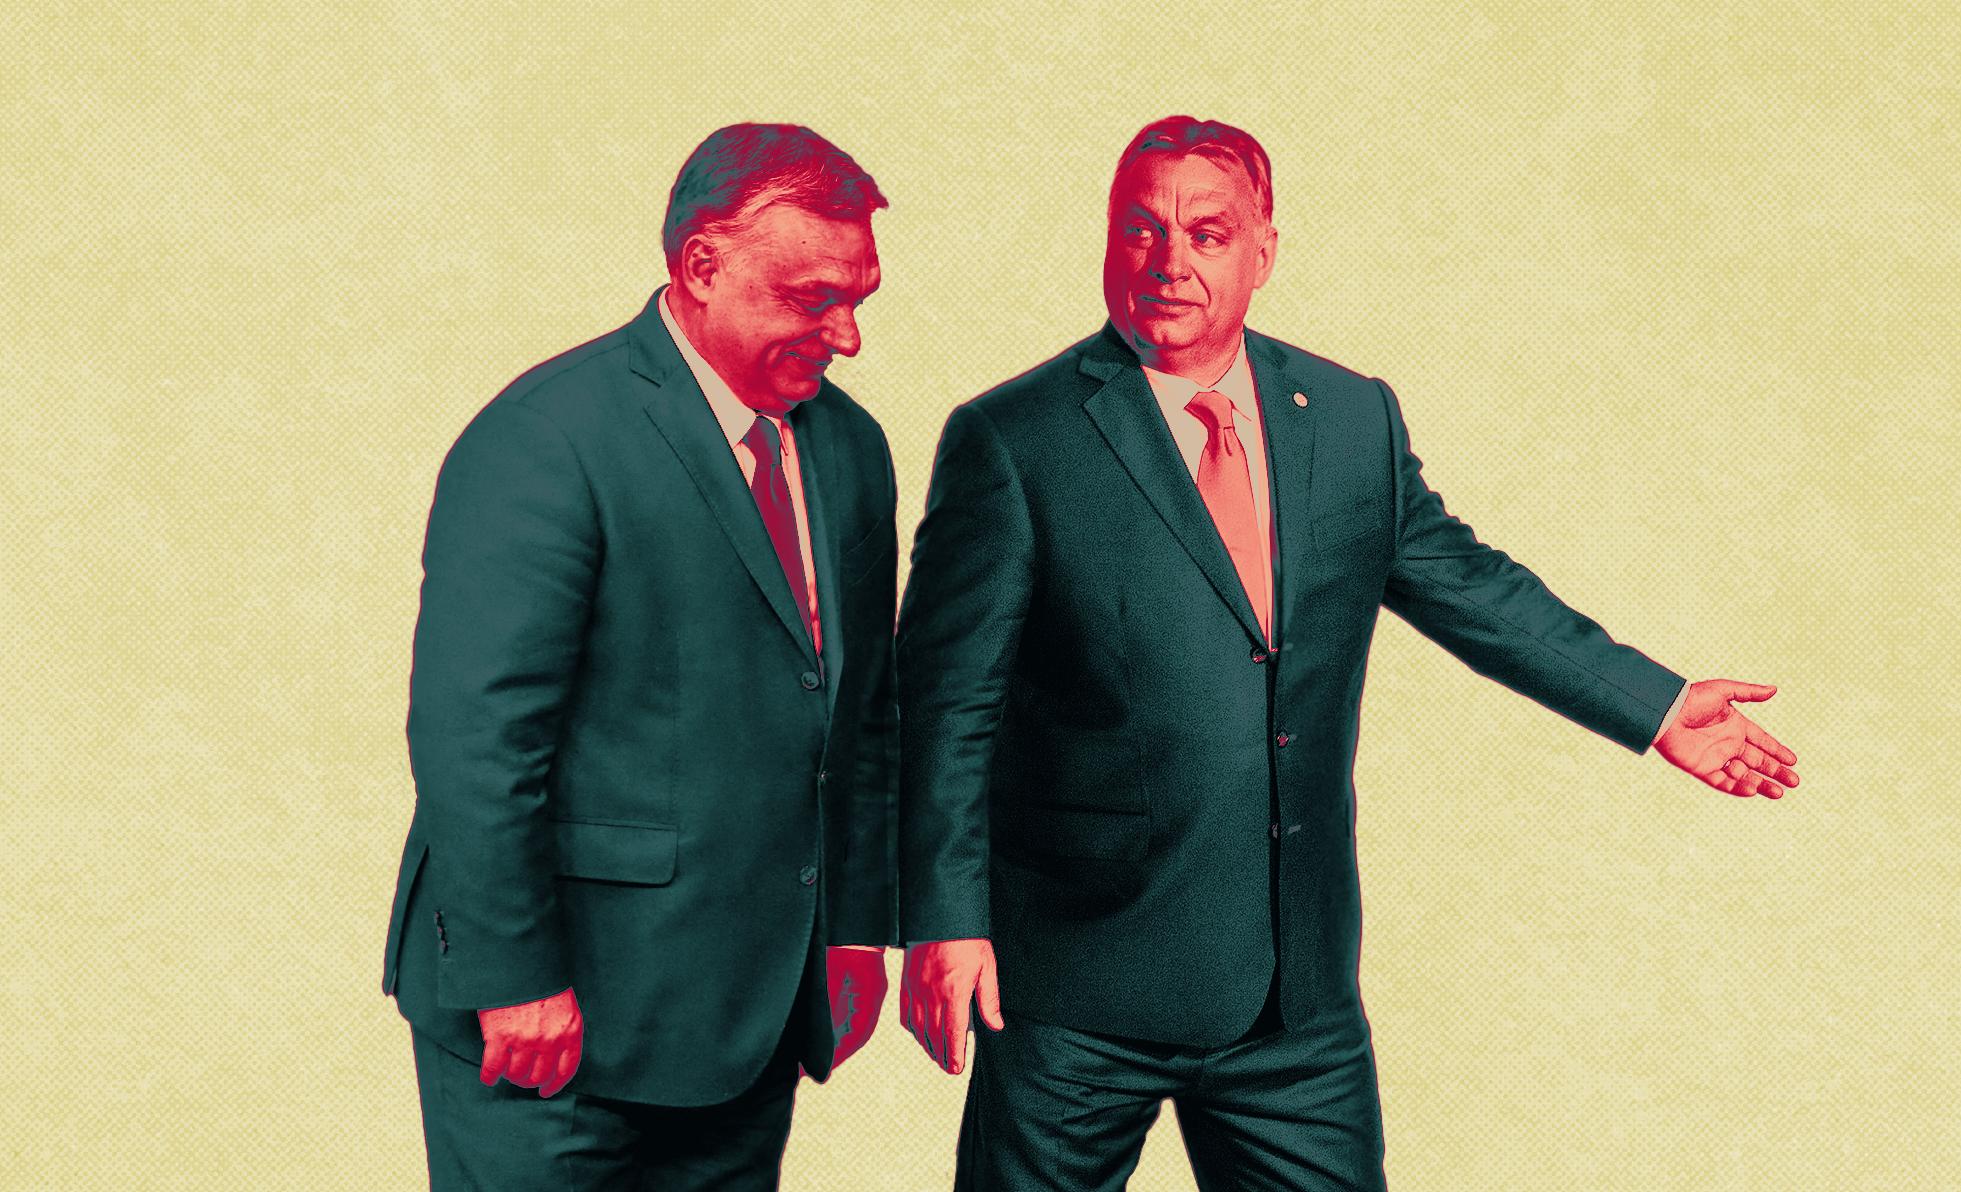 Négy ügy, ami megmutatja, hogy a Fidesz igazából nem törődik a gyerekekkel